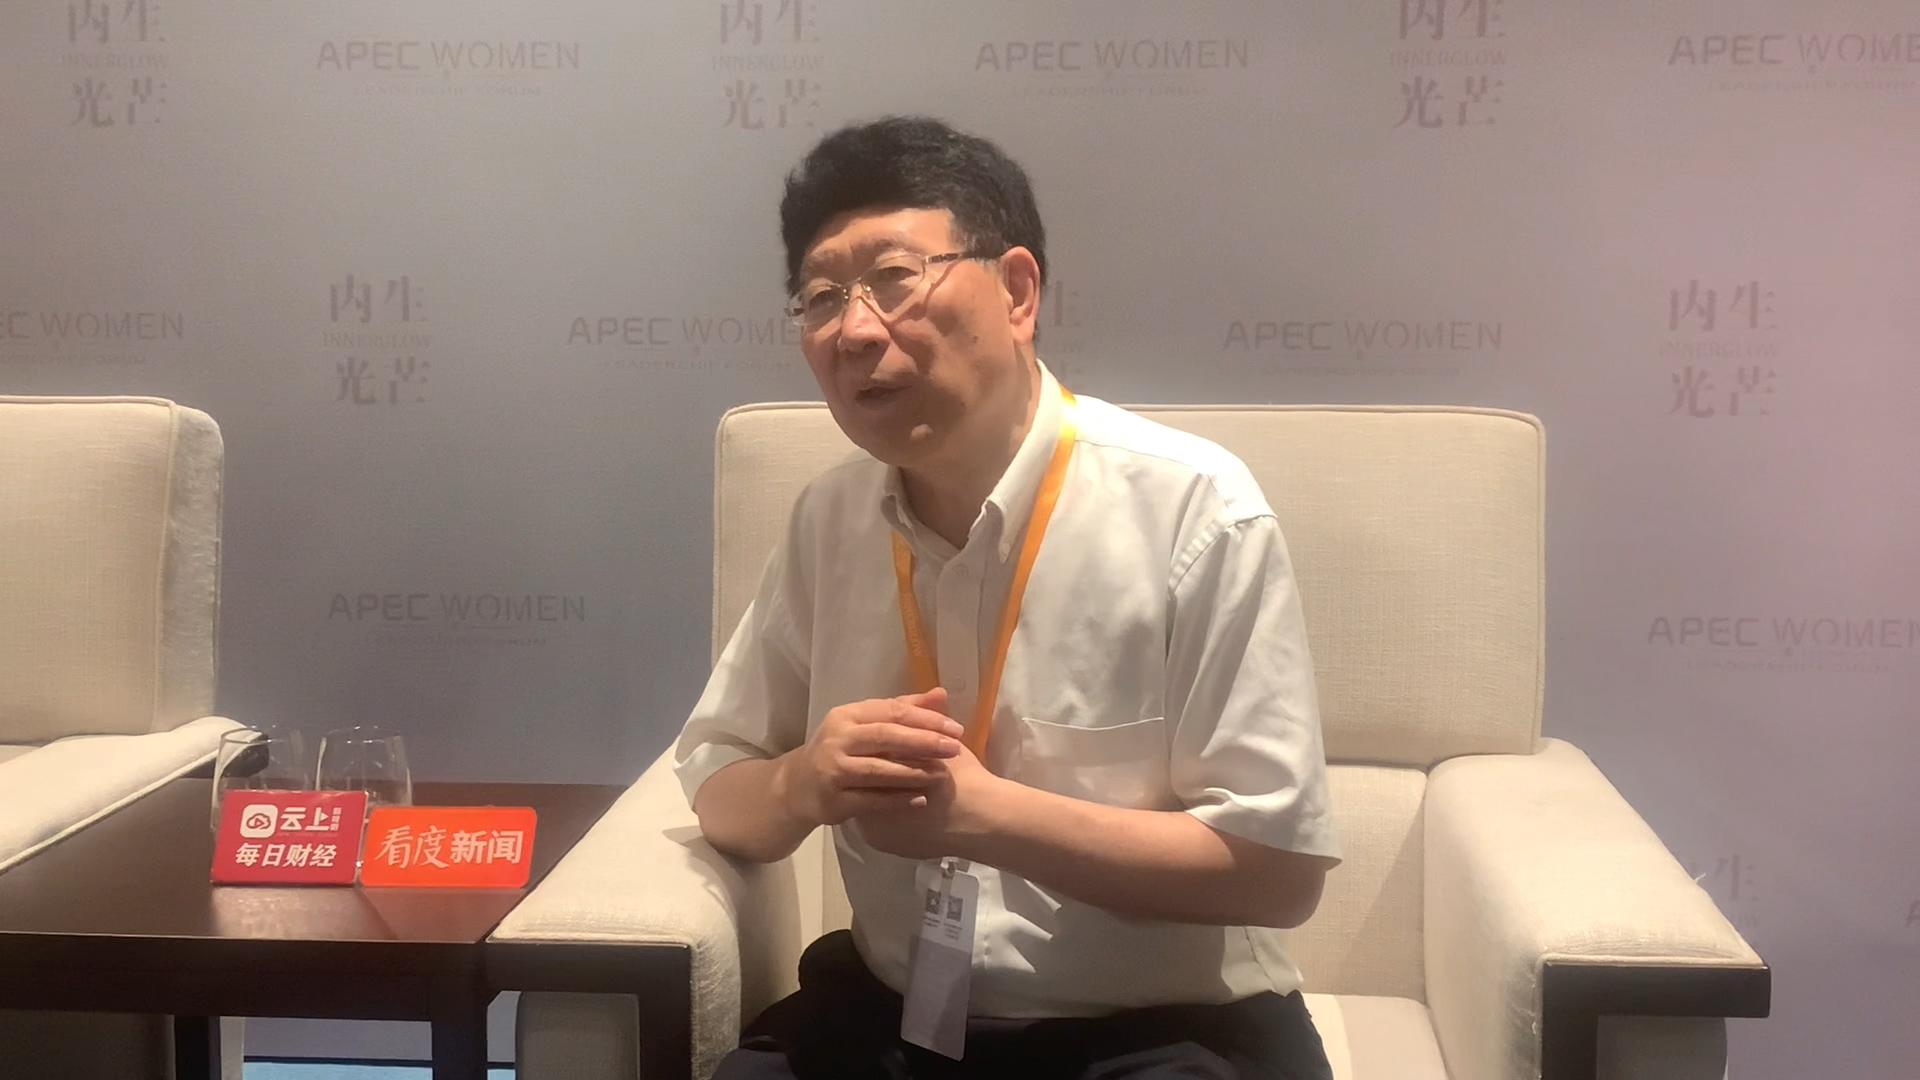 北京协和医学院乔友林:男性也可感染HPV,加强防护同样重要